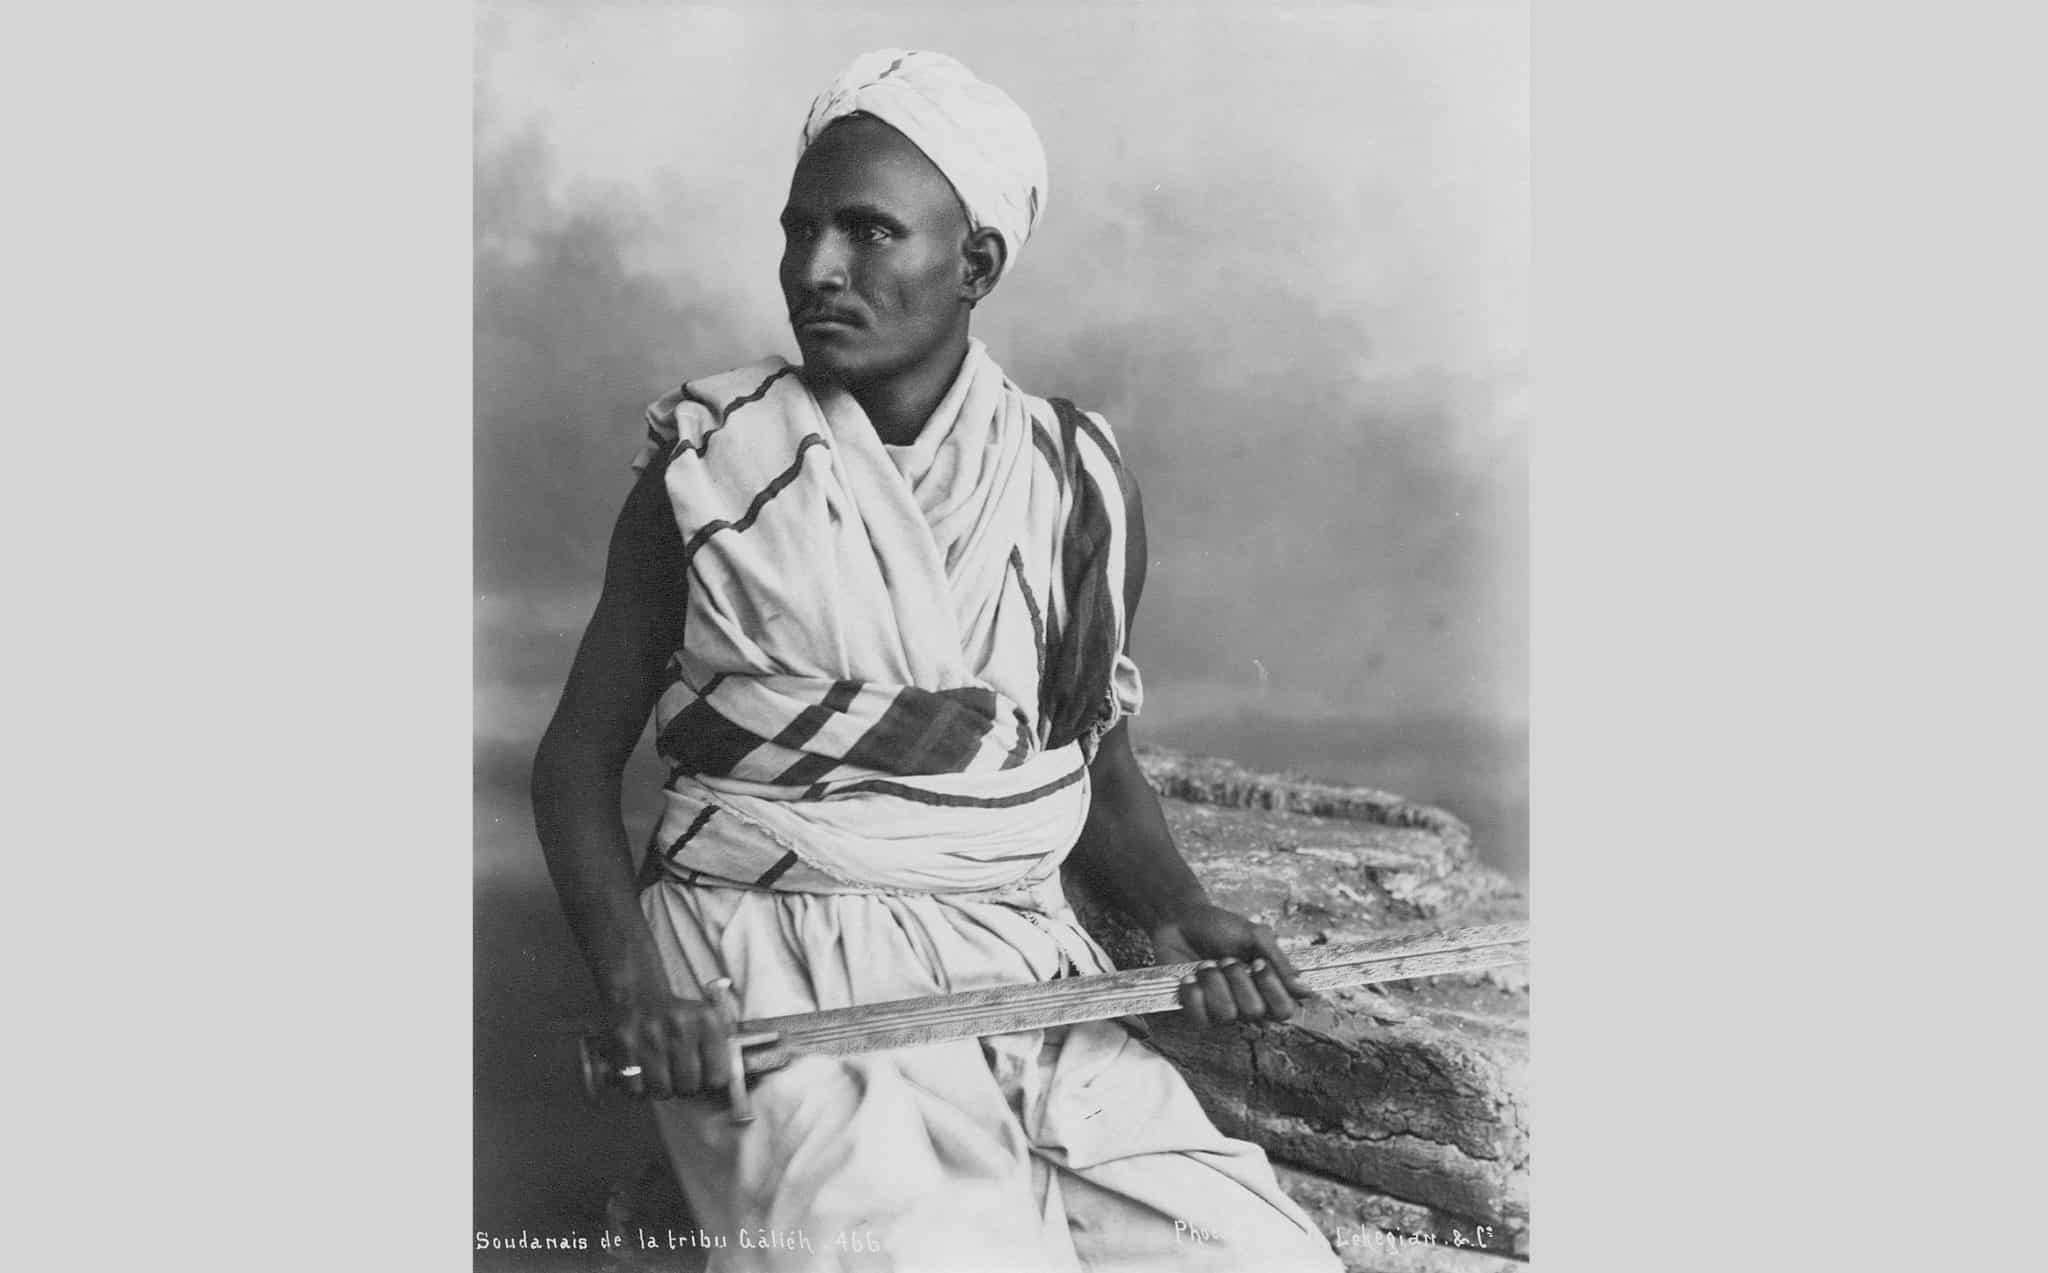 Sudanais_de_la_tribu_Galieh.